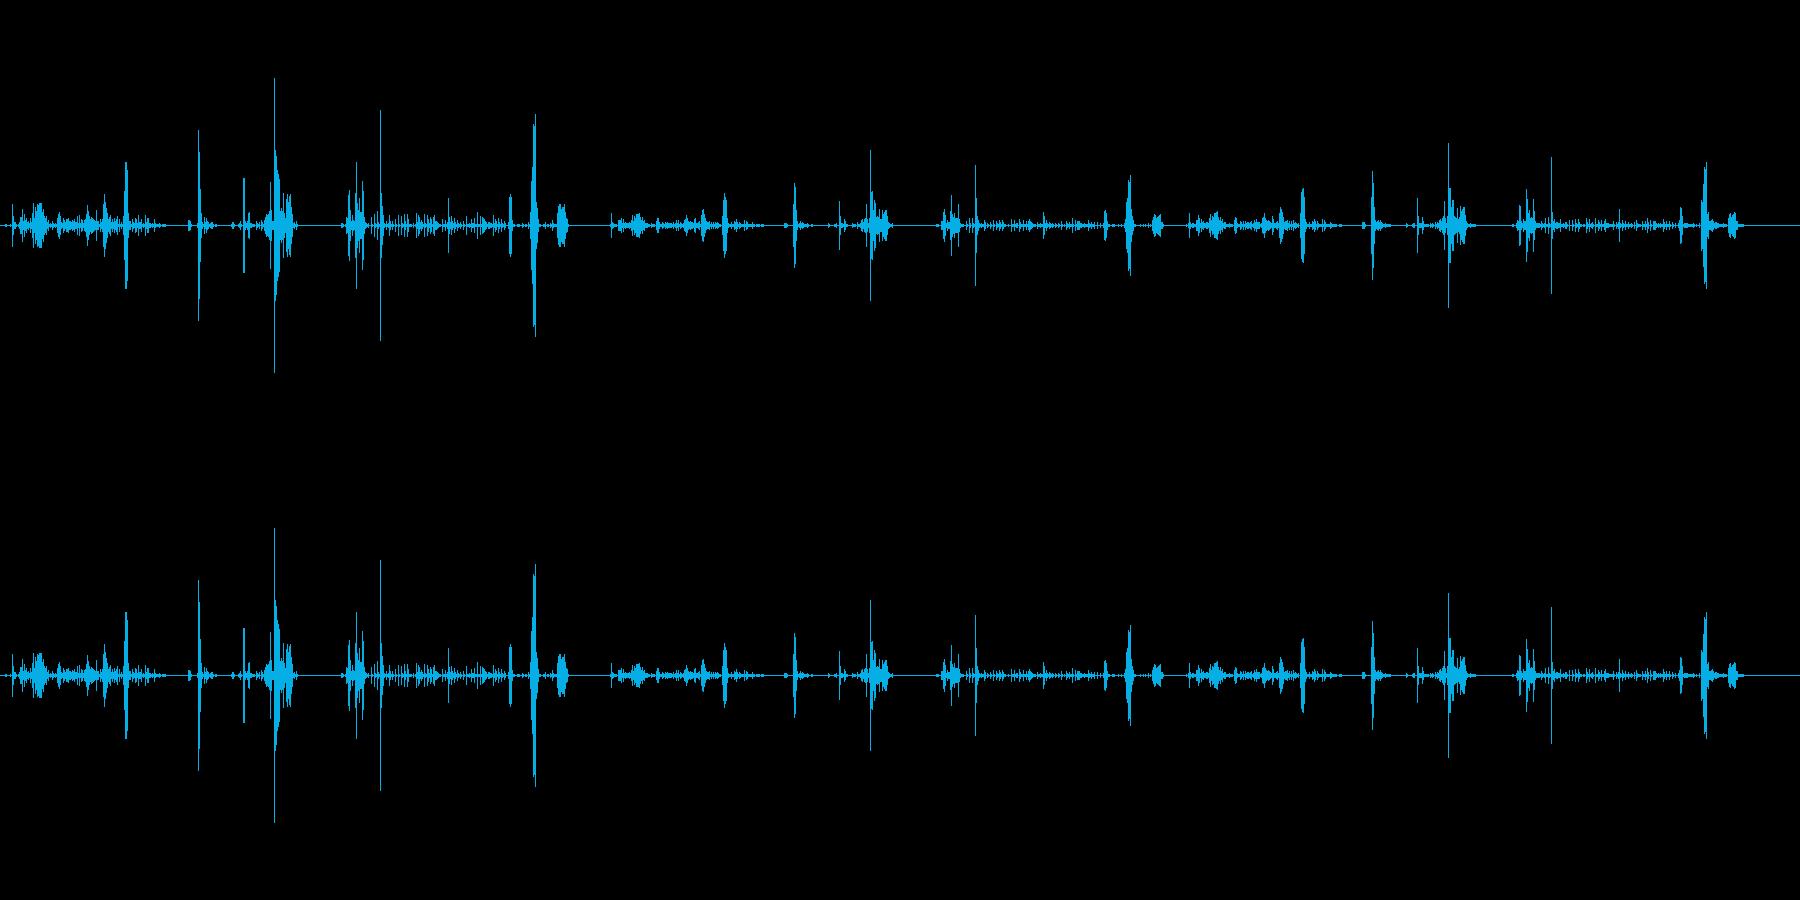 クリンクス-スキークス-ホイール-...の再生済みの波形